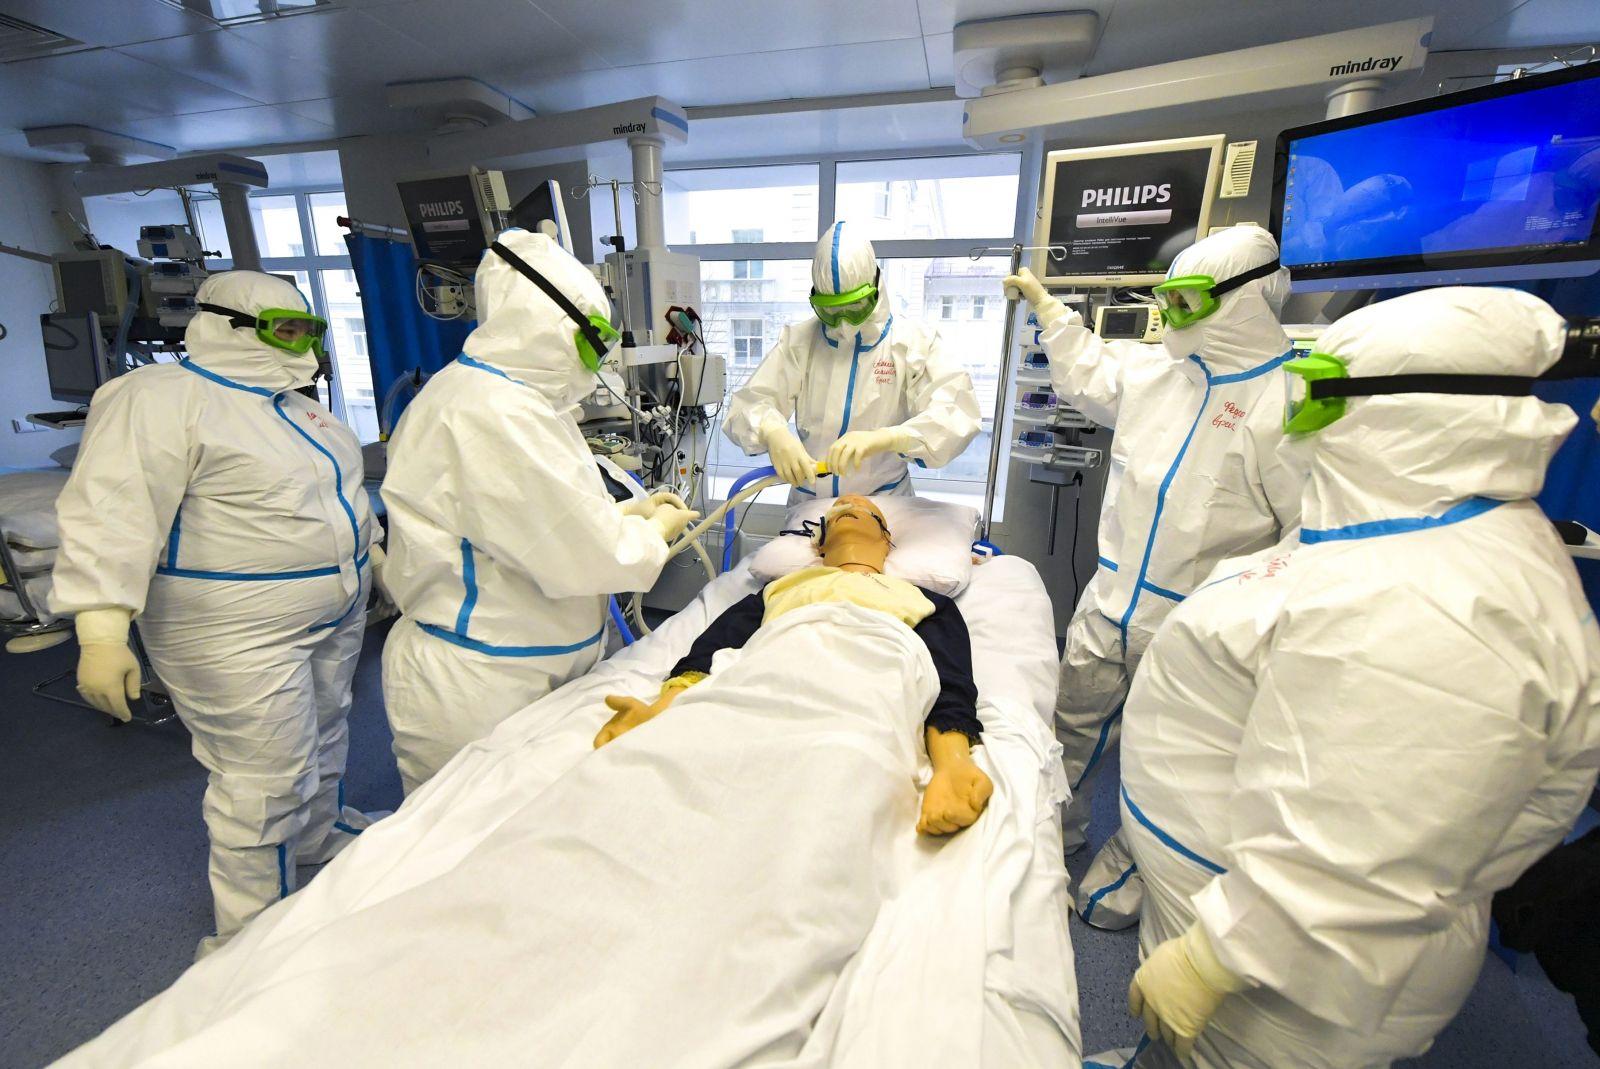 Čeští vědci se zapojili do vývoje vlastní vakcíny proti koronaviru. První výsledky by měli mít za dva měsíce